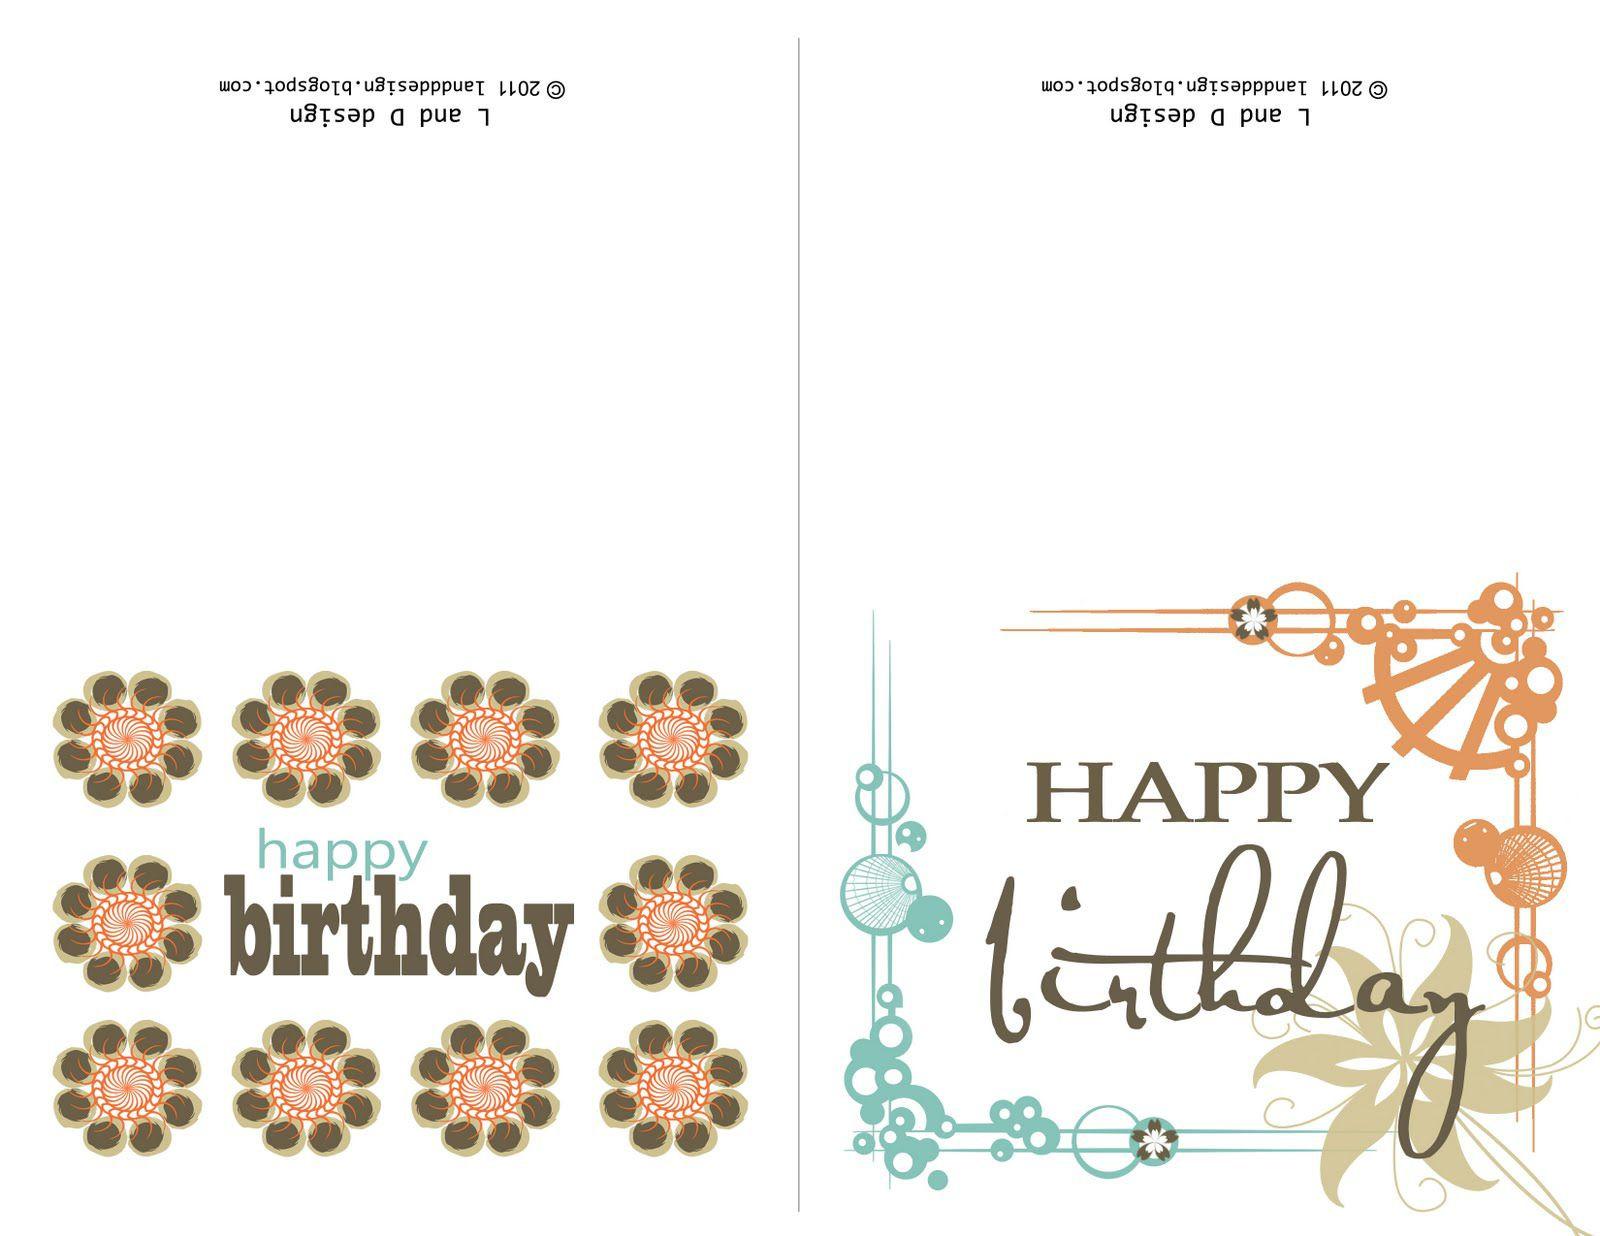 Geburtstagskarten Kostenlos Versenden  Geburtstagskarten Layout Kostenlos